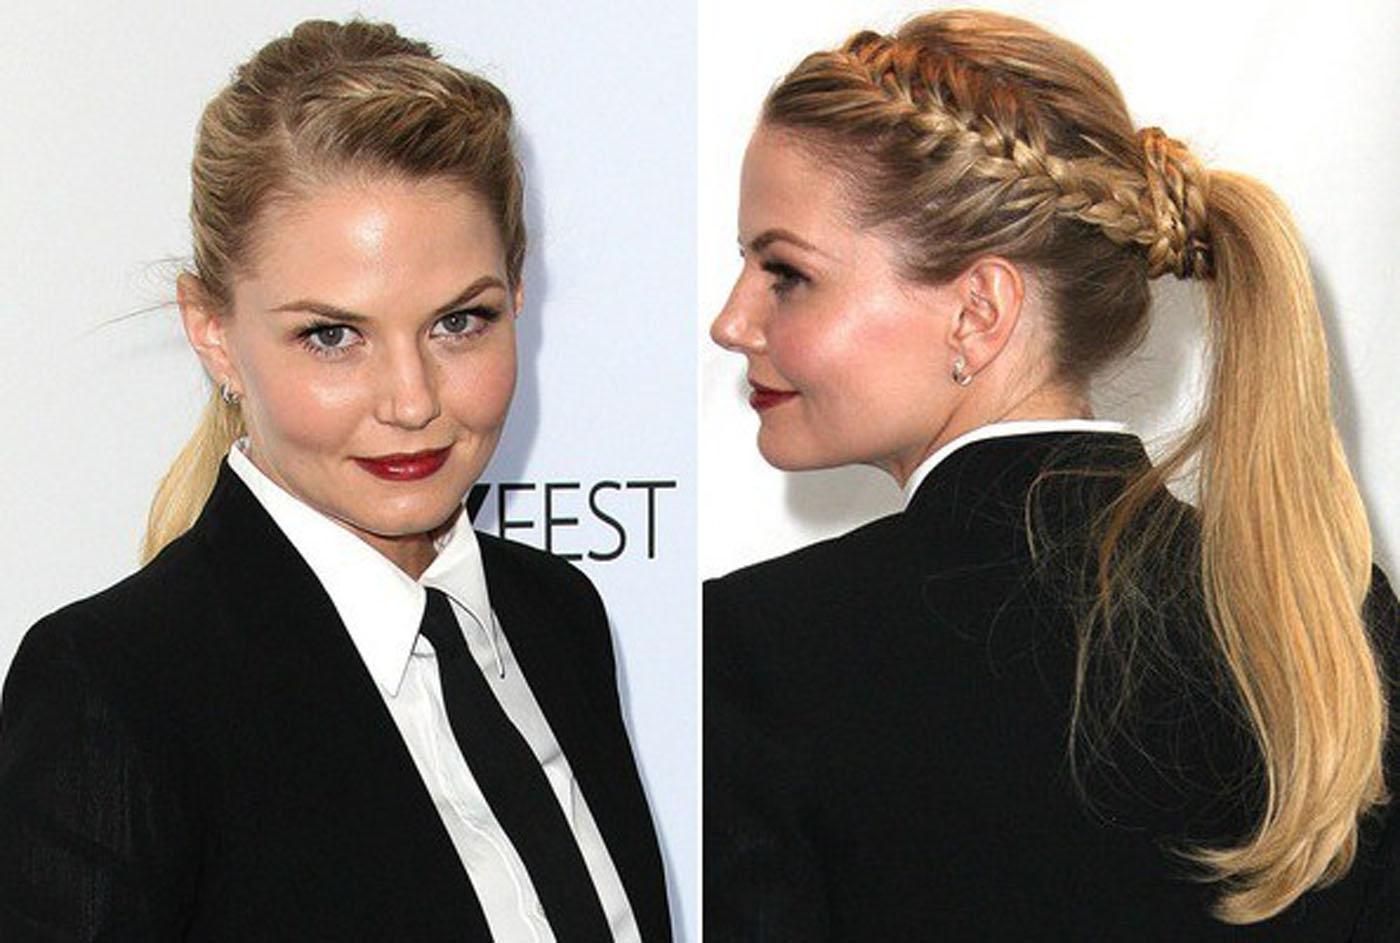 Прически на длинные волосы - хвост заплетенный в две косы и уложенные на затылке.